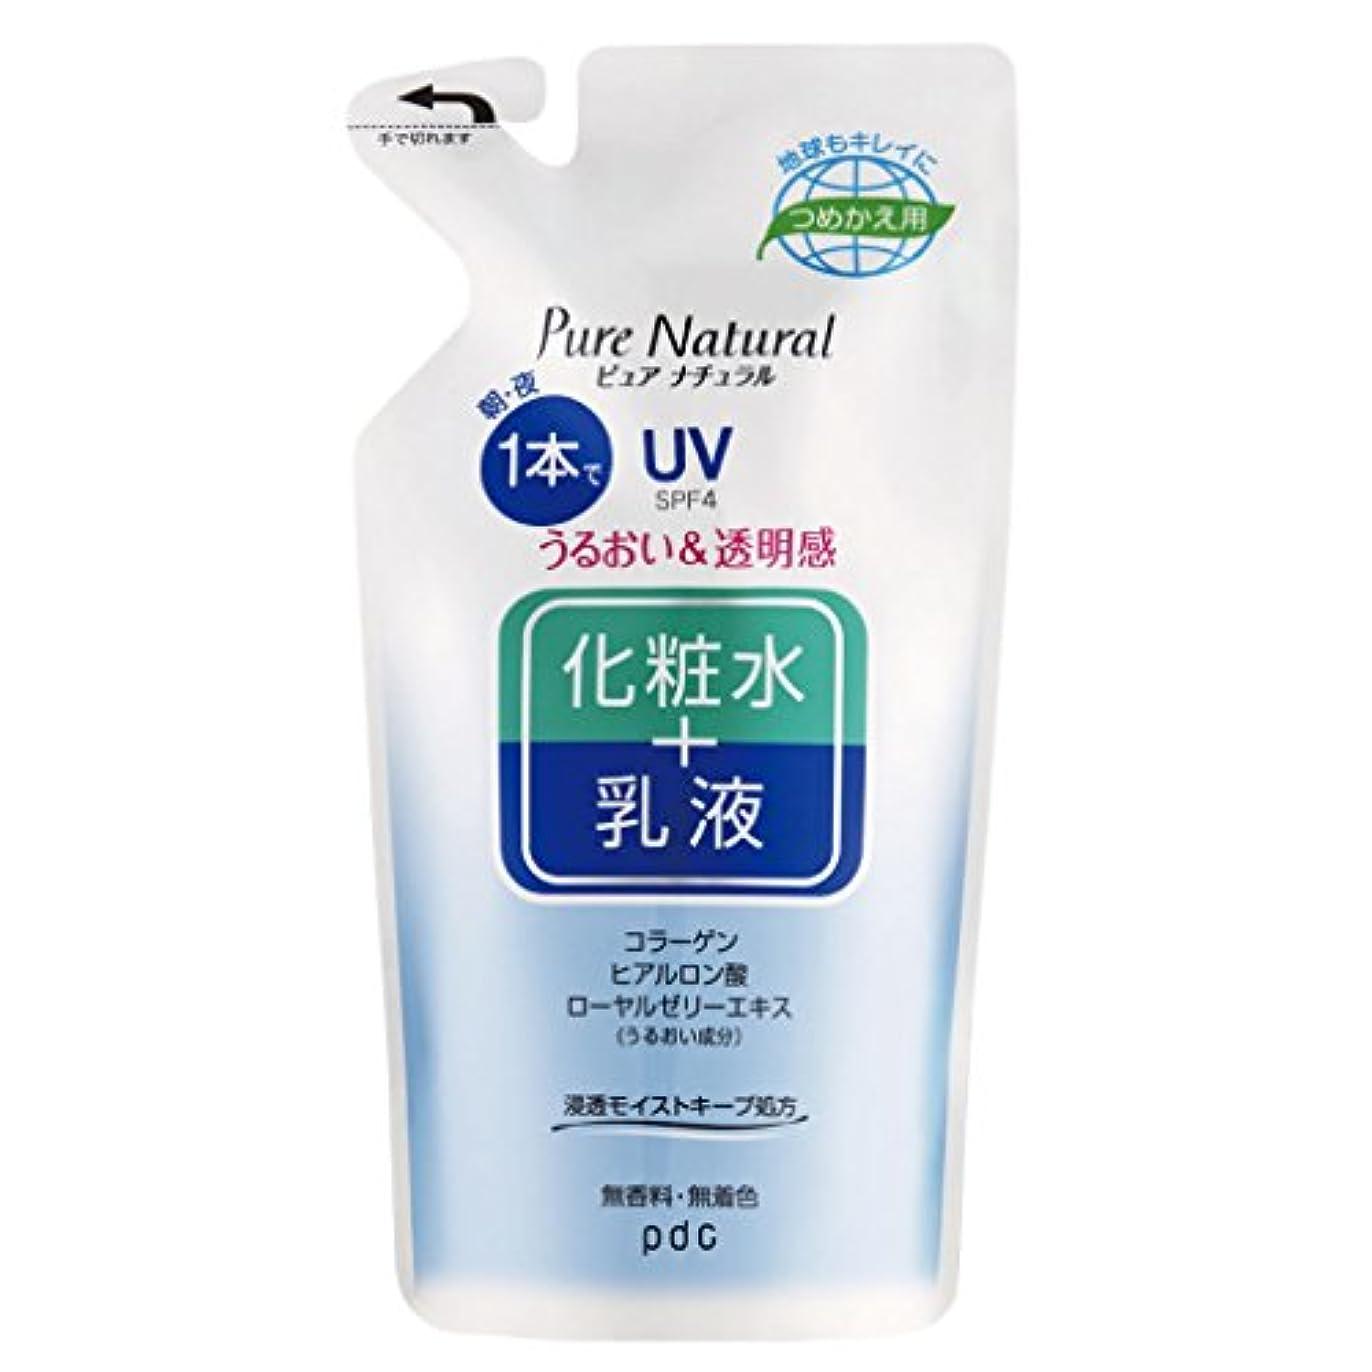 男らしい娯楽ペルソナPure NATURAL(ピュアナチュラル) エッセンスローション UV (つめかえ用) 200mL